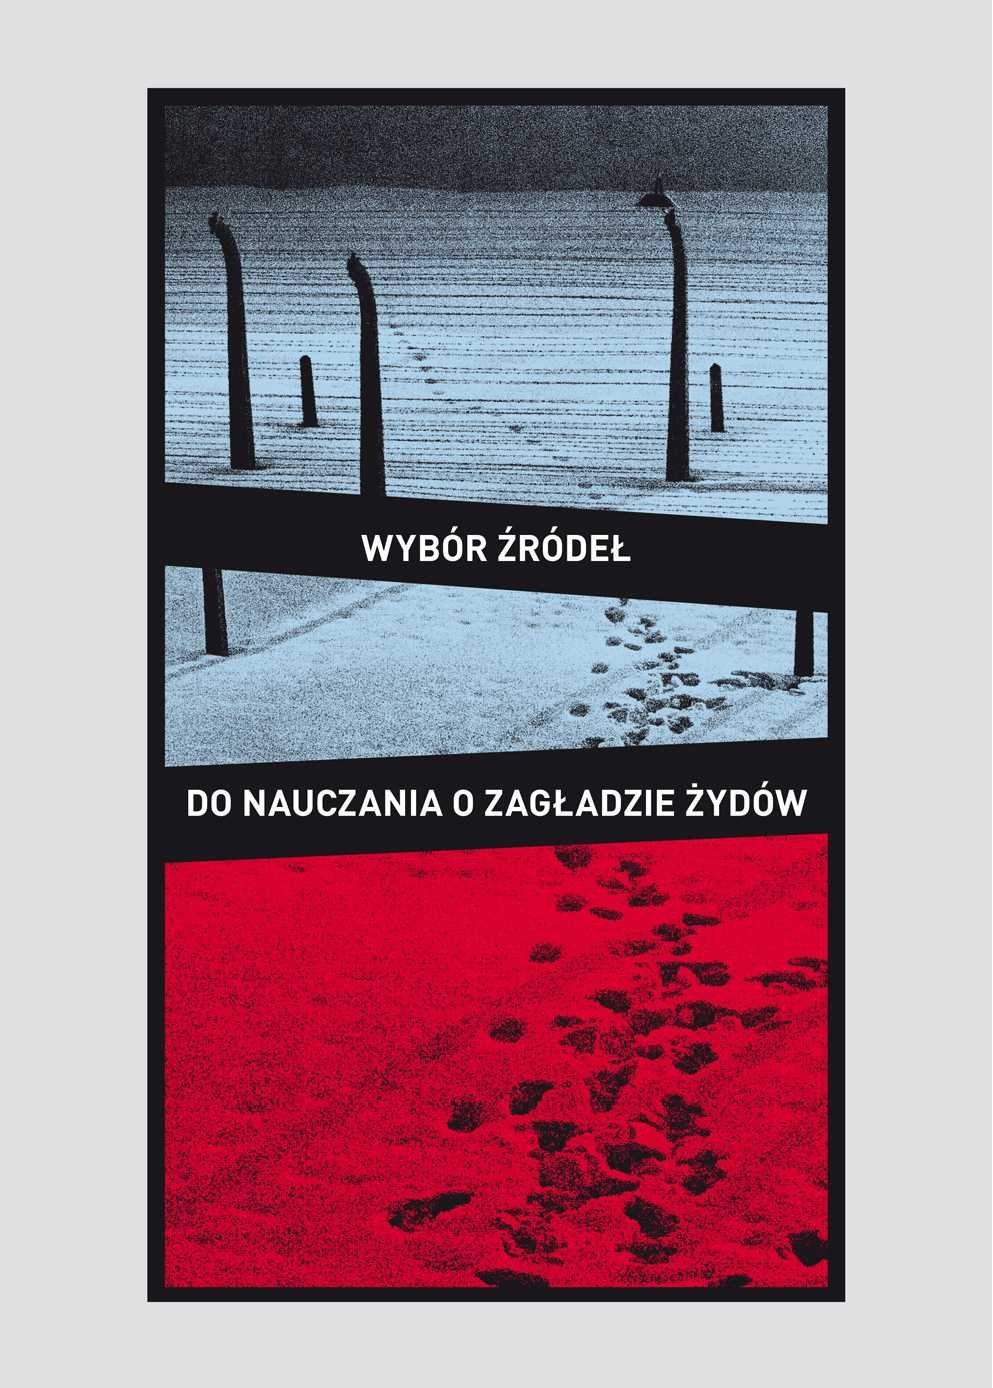 Wybór źródeł do nauczania o zagładzie Żydów na okupowanych ziemiach polskich. - Ebook (Książka EPUB) do pobrania w formacie EPUB